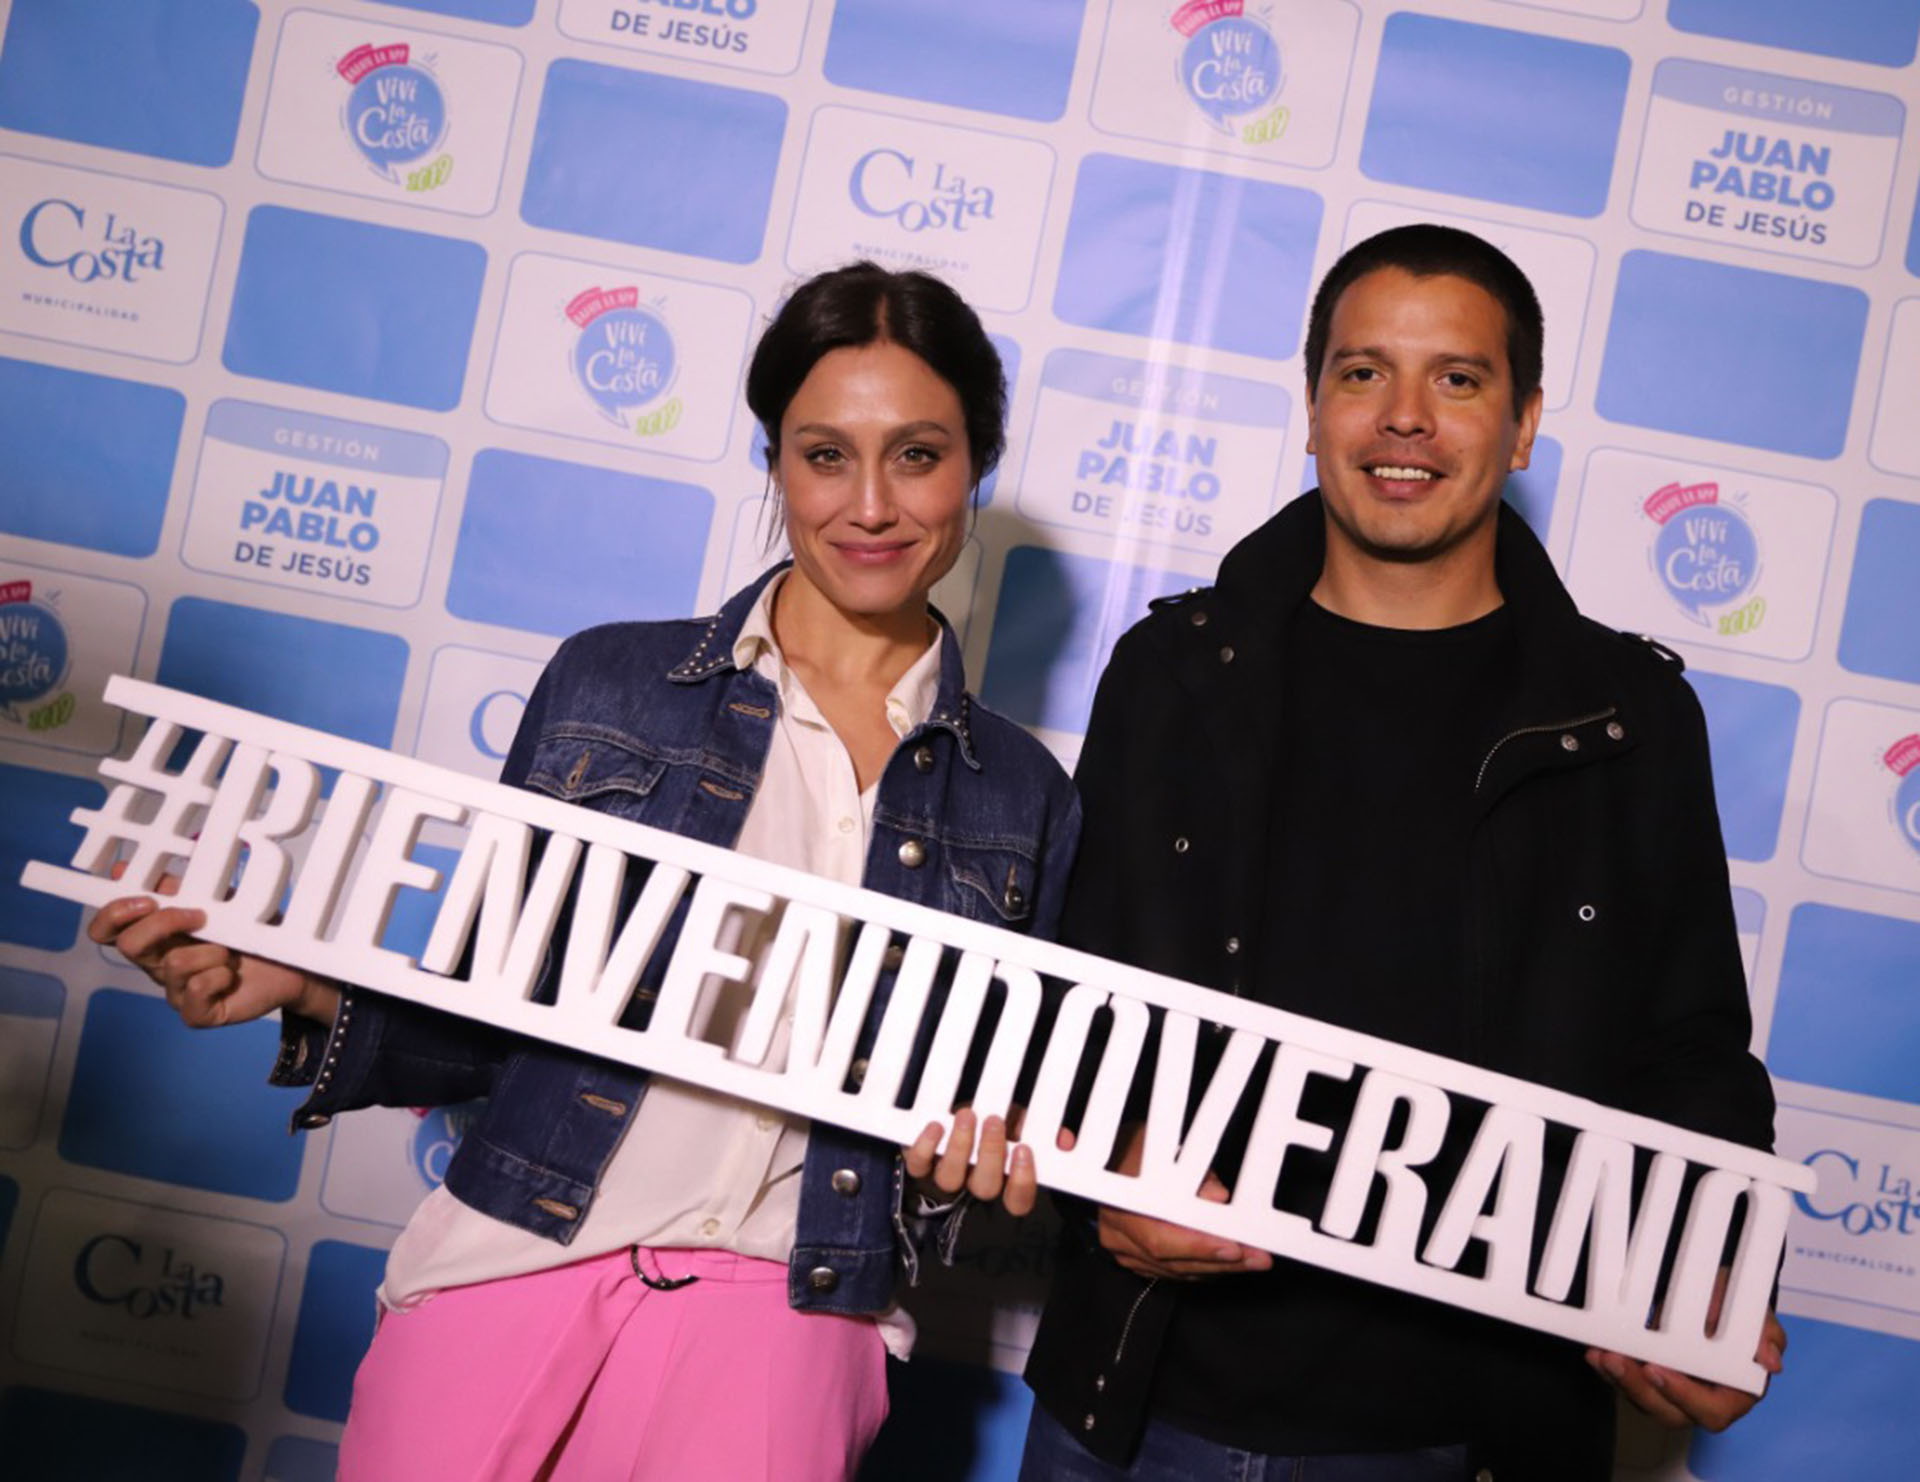 Cristian Cardozo, secretario de relaciones institucionales del Partido de La Costa, y la actriz y DJ Mercedes Oviedo